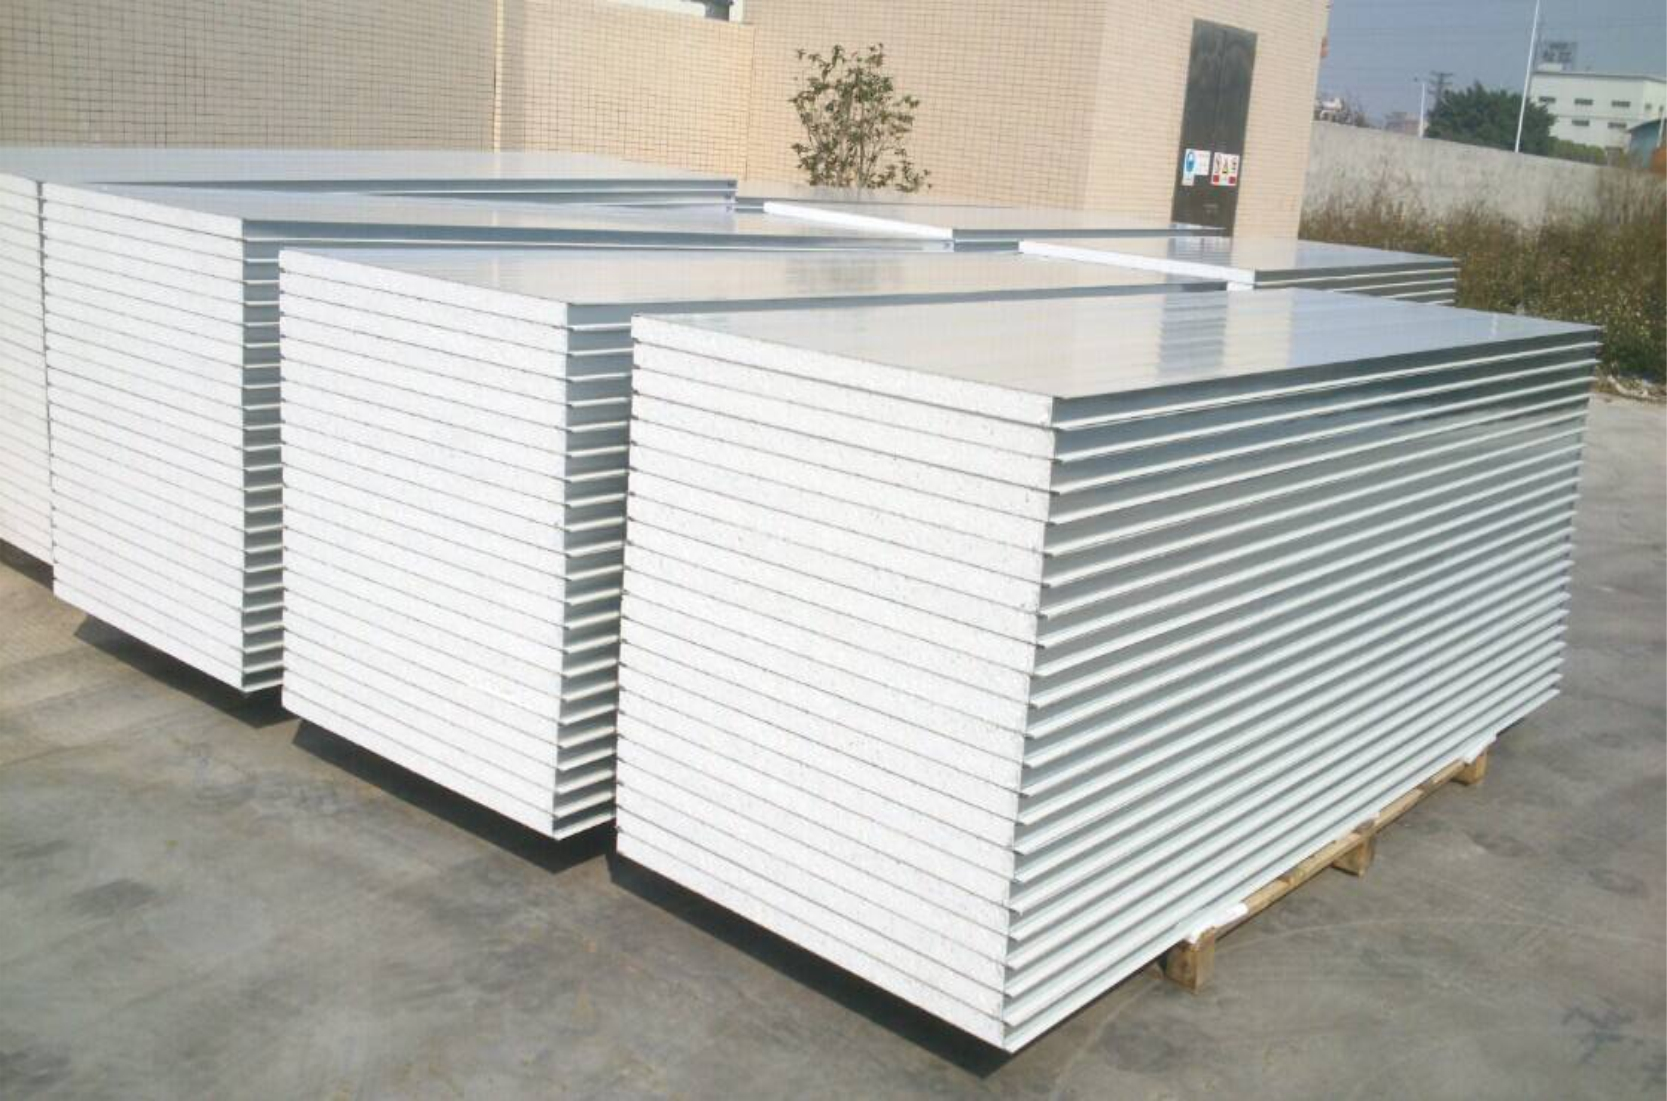 兰州夹芯彩钢板  兰州机制板、夹芯板、聚氨酯夹芯板   岩棉夹芯板